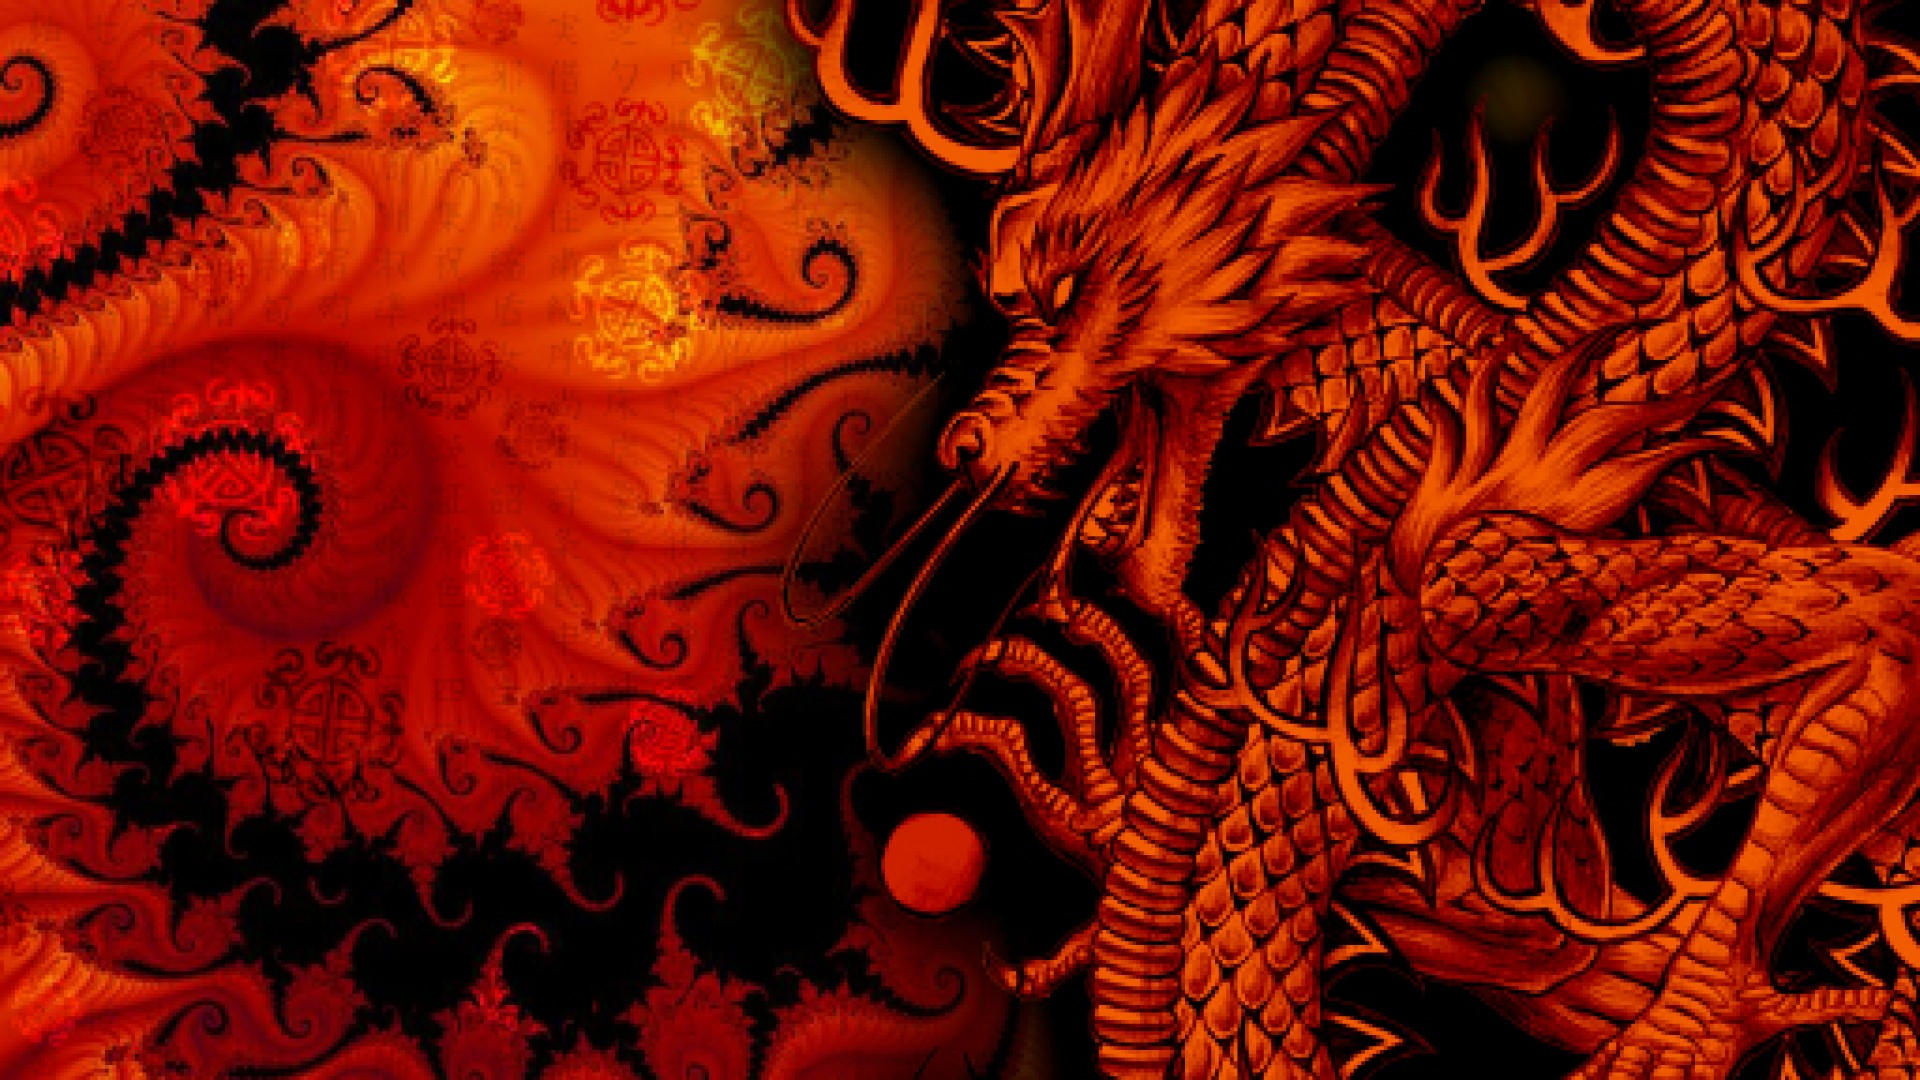 Dragon HD Wallpapers 1080p  WallpaperSafari